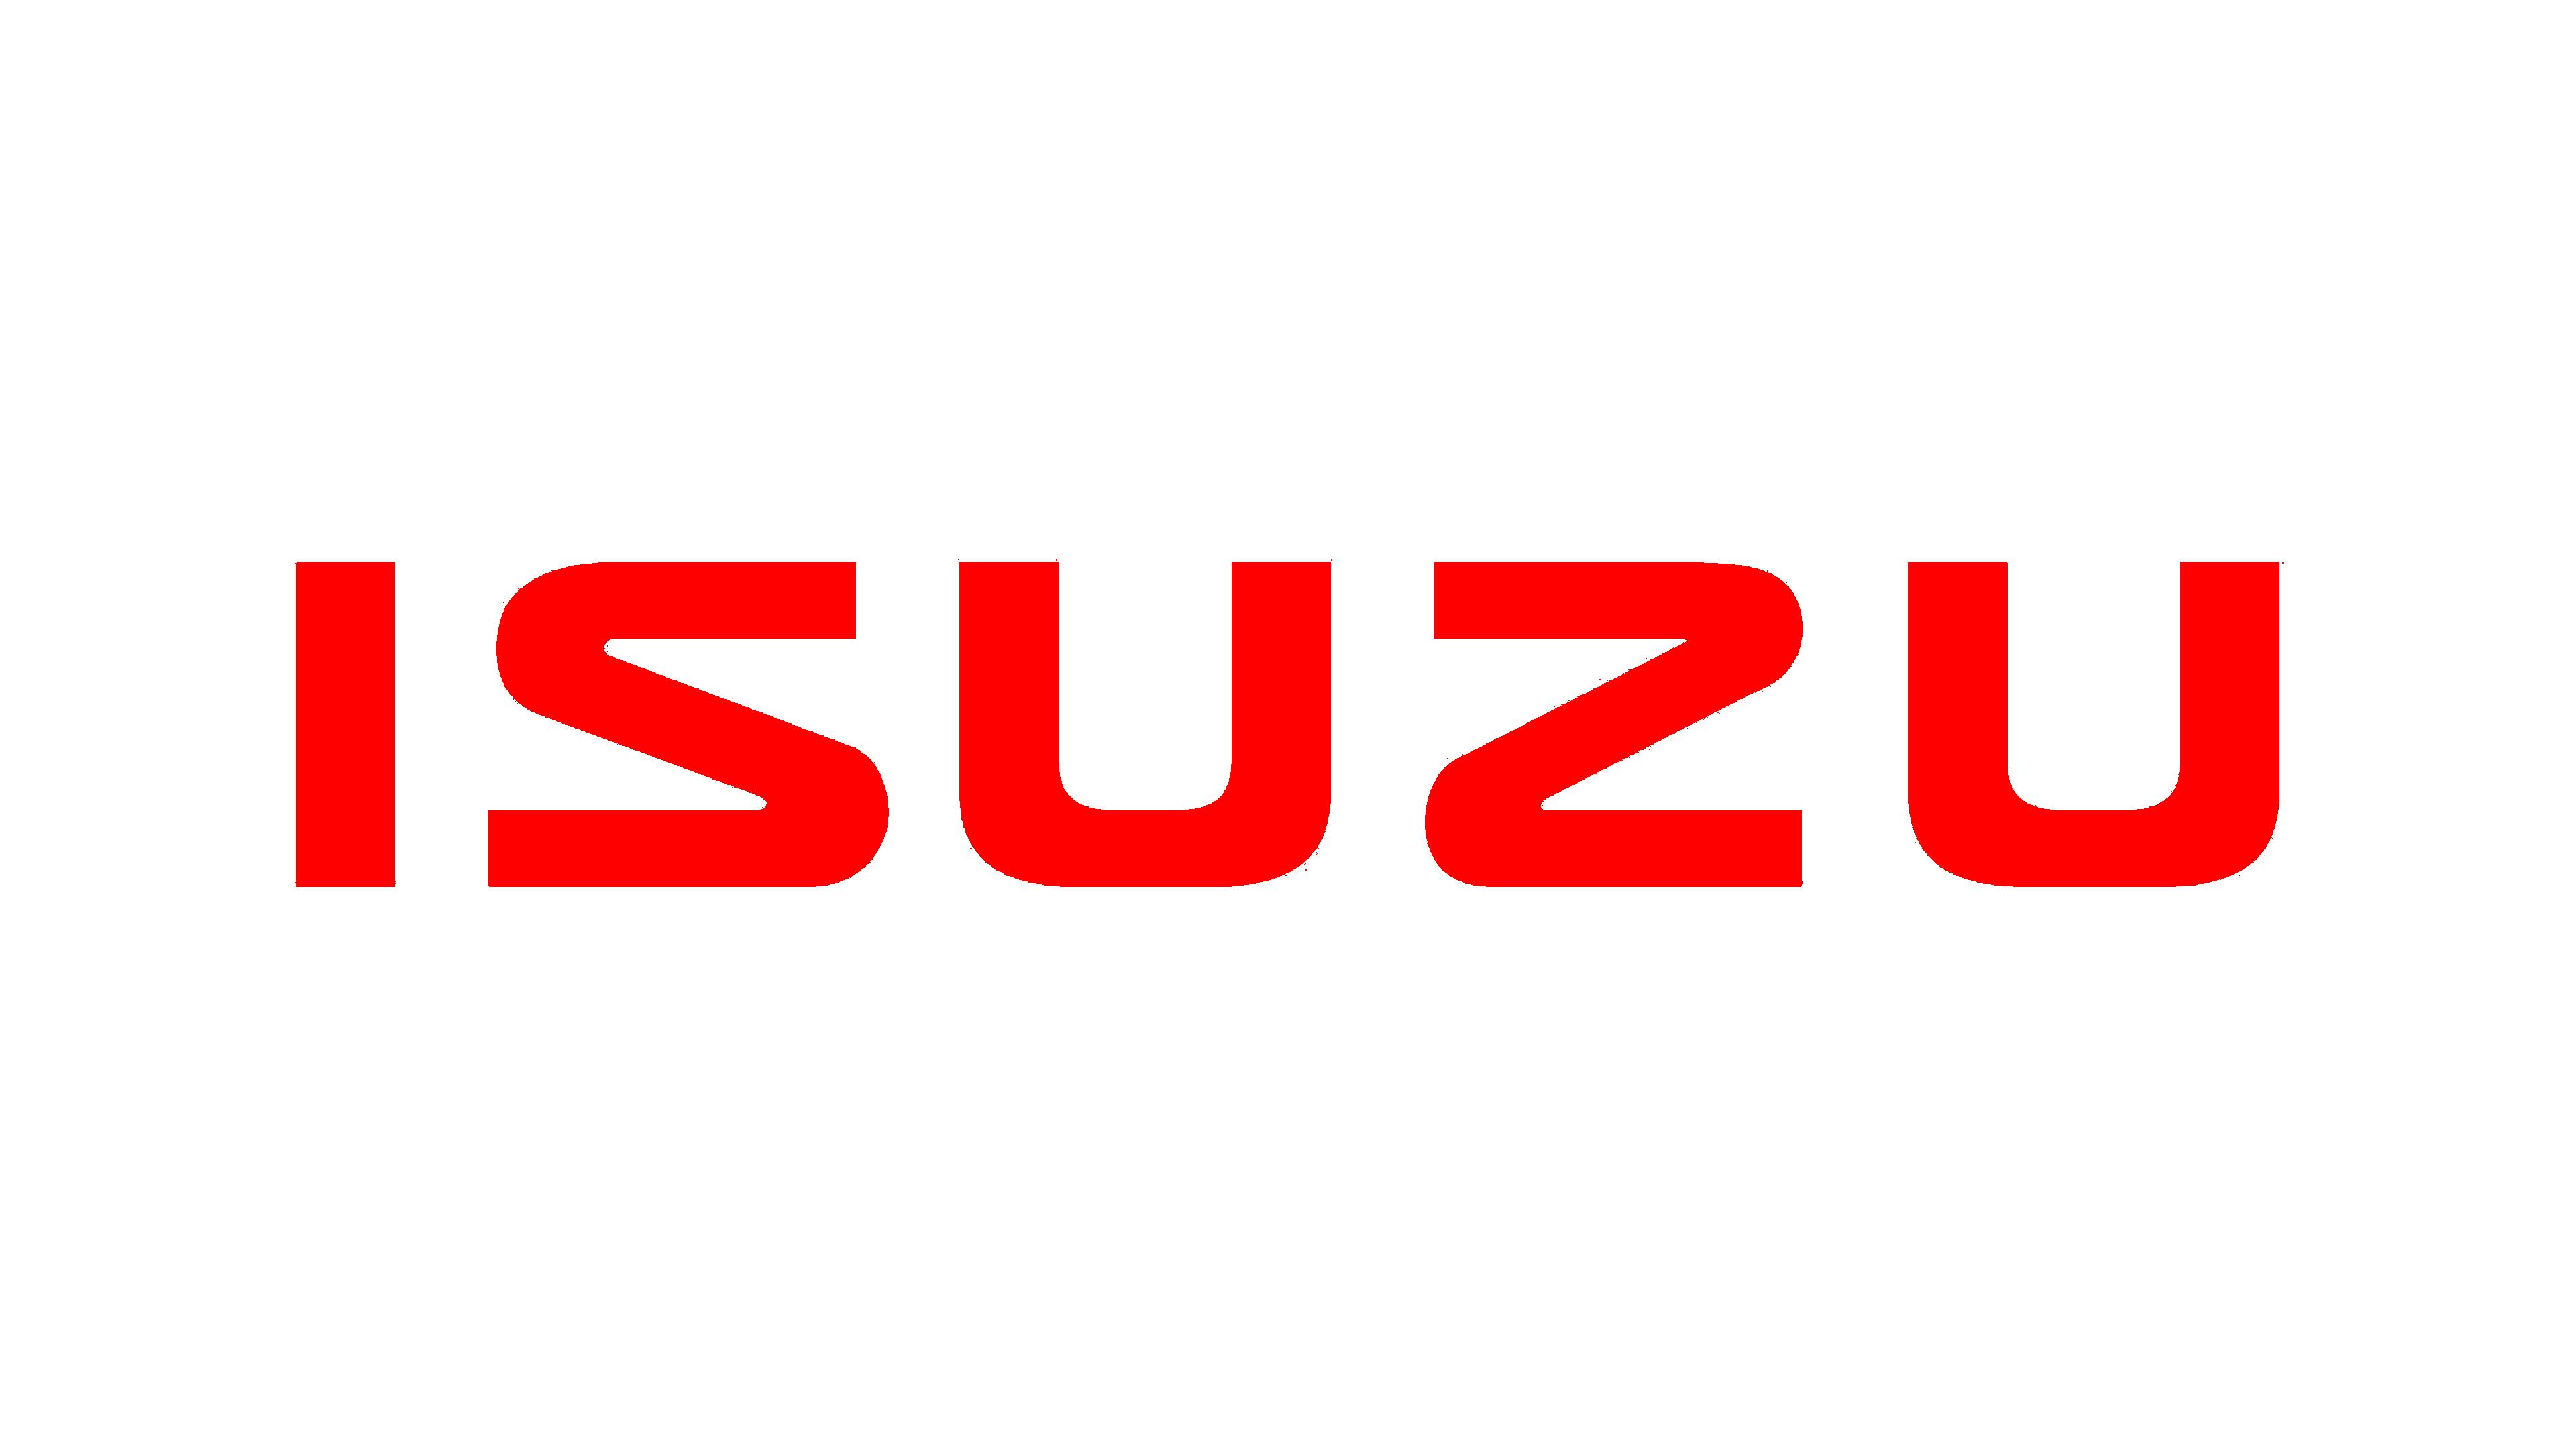 isuzu-logo-1991-3840x2160